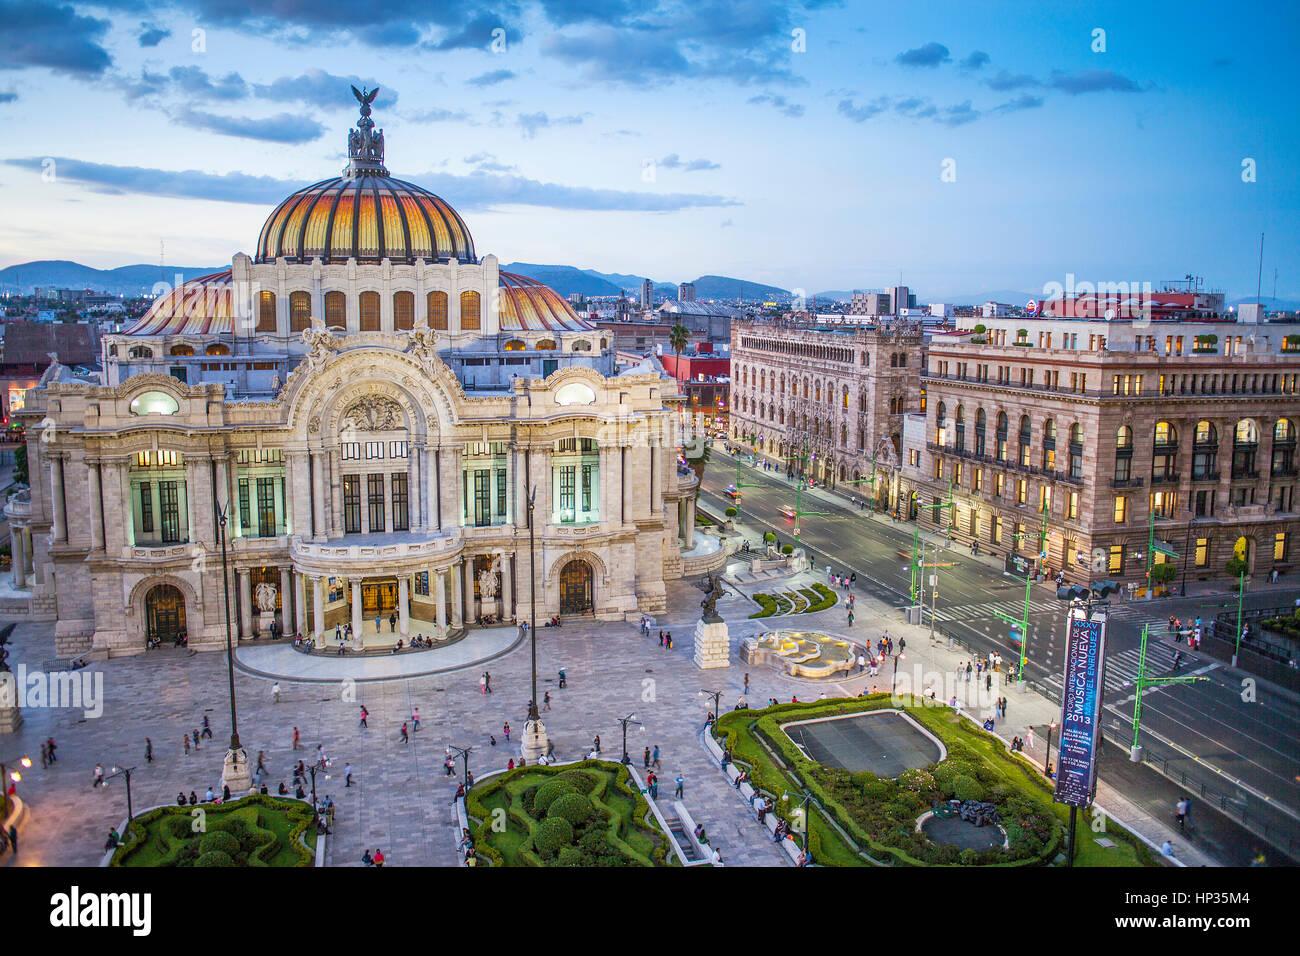 Palacio de Bellas Artes di Città del Messico, Messico Immagini Stock